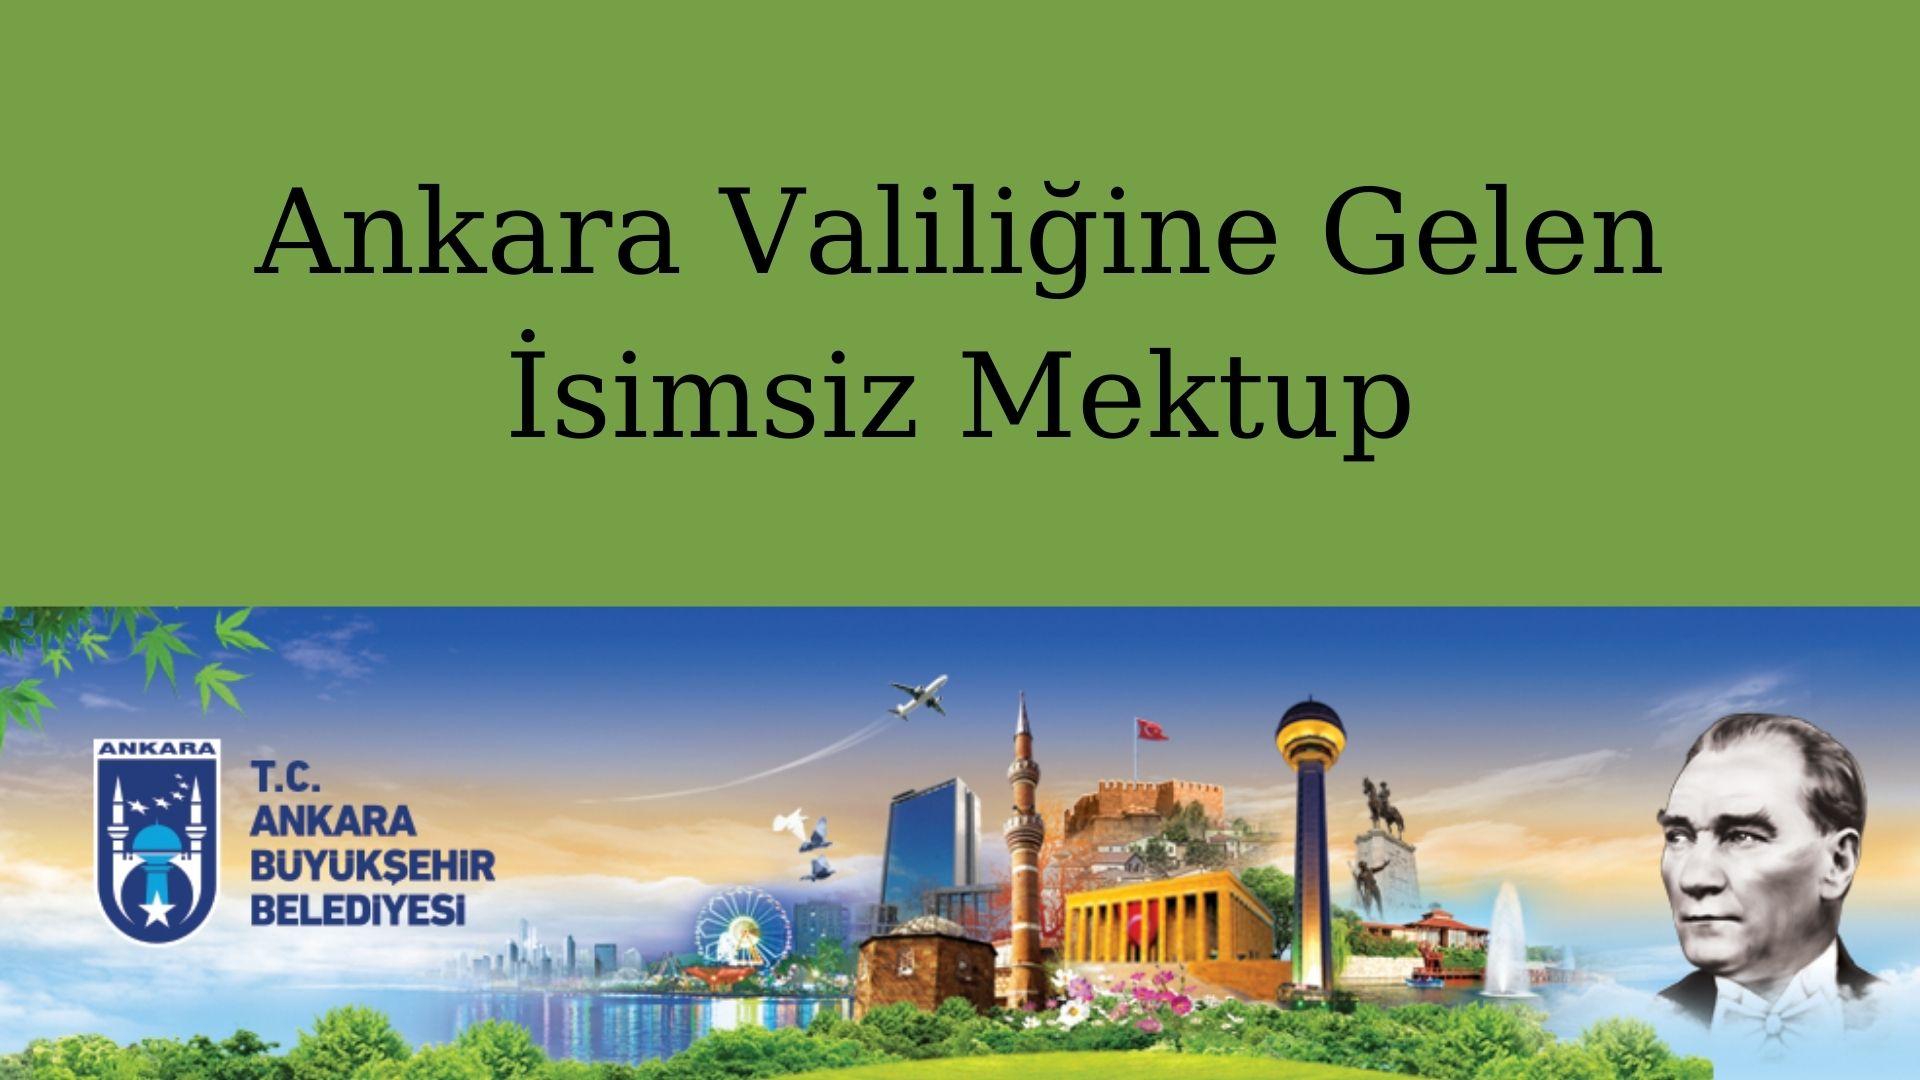 Ankara Valiliğine Gelen İsimsiz Mektup